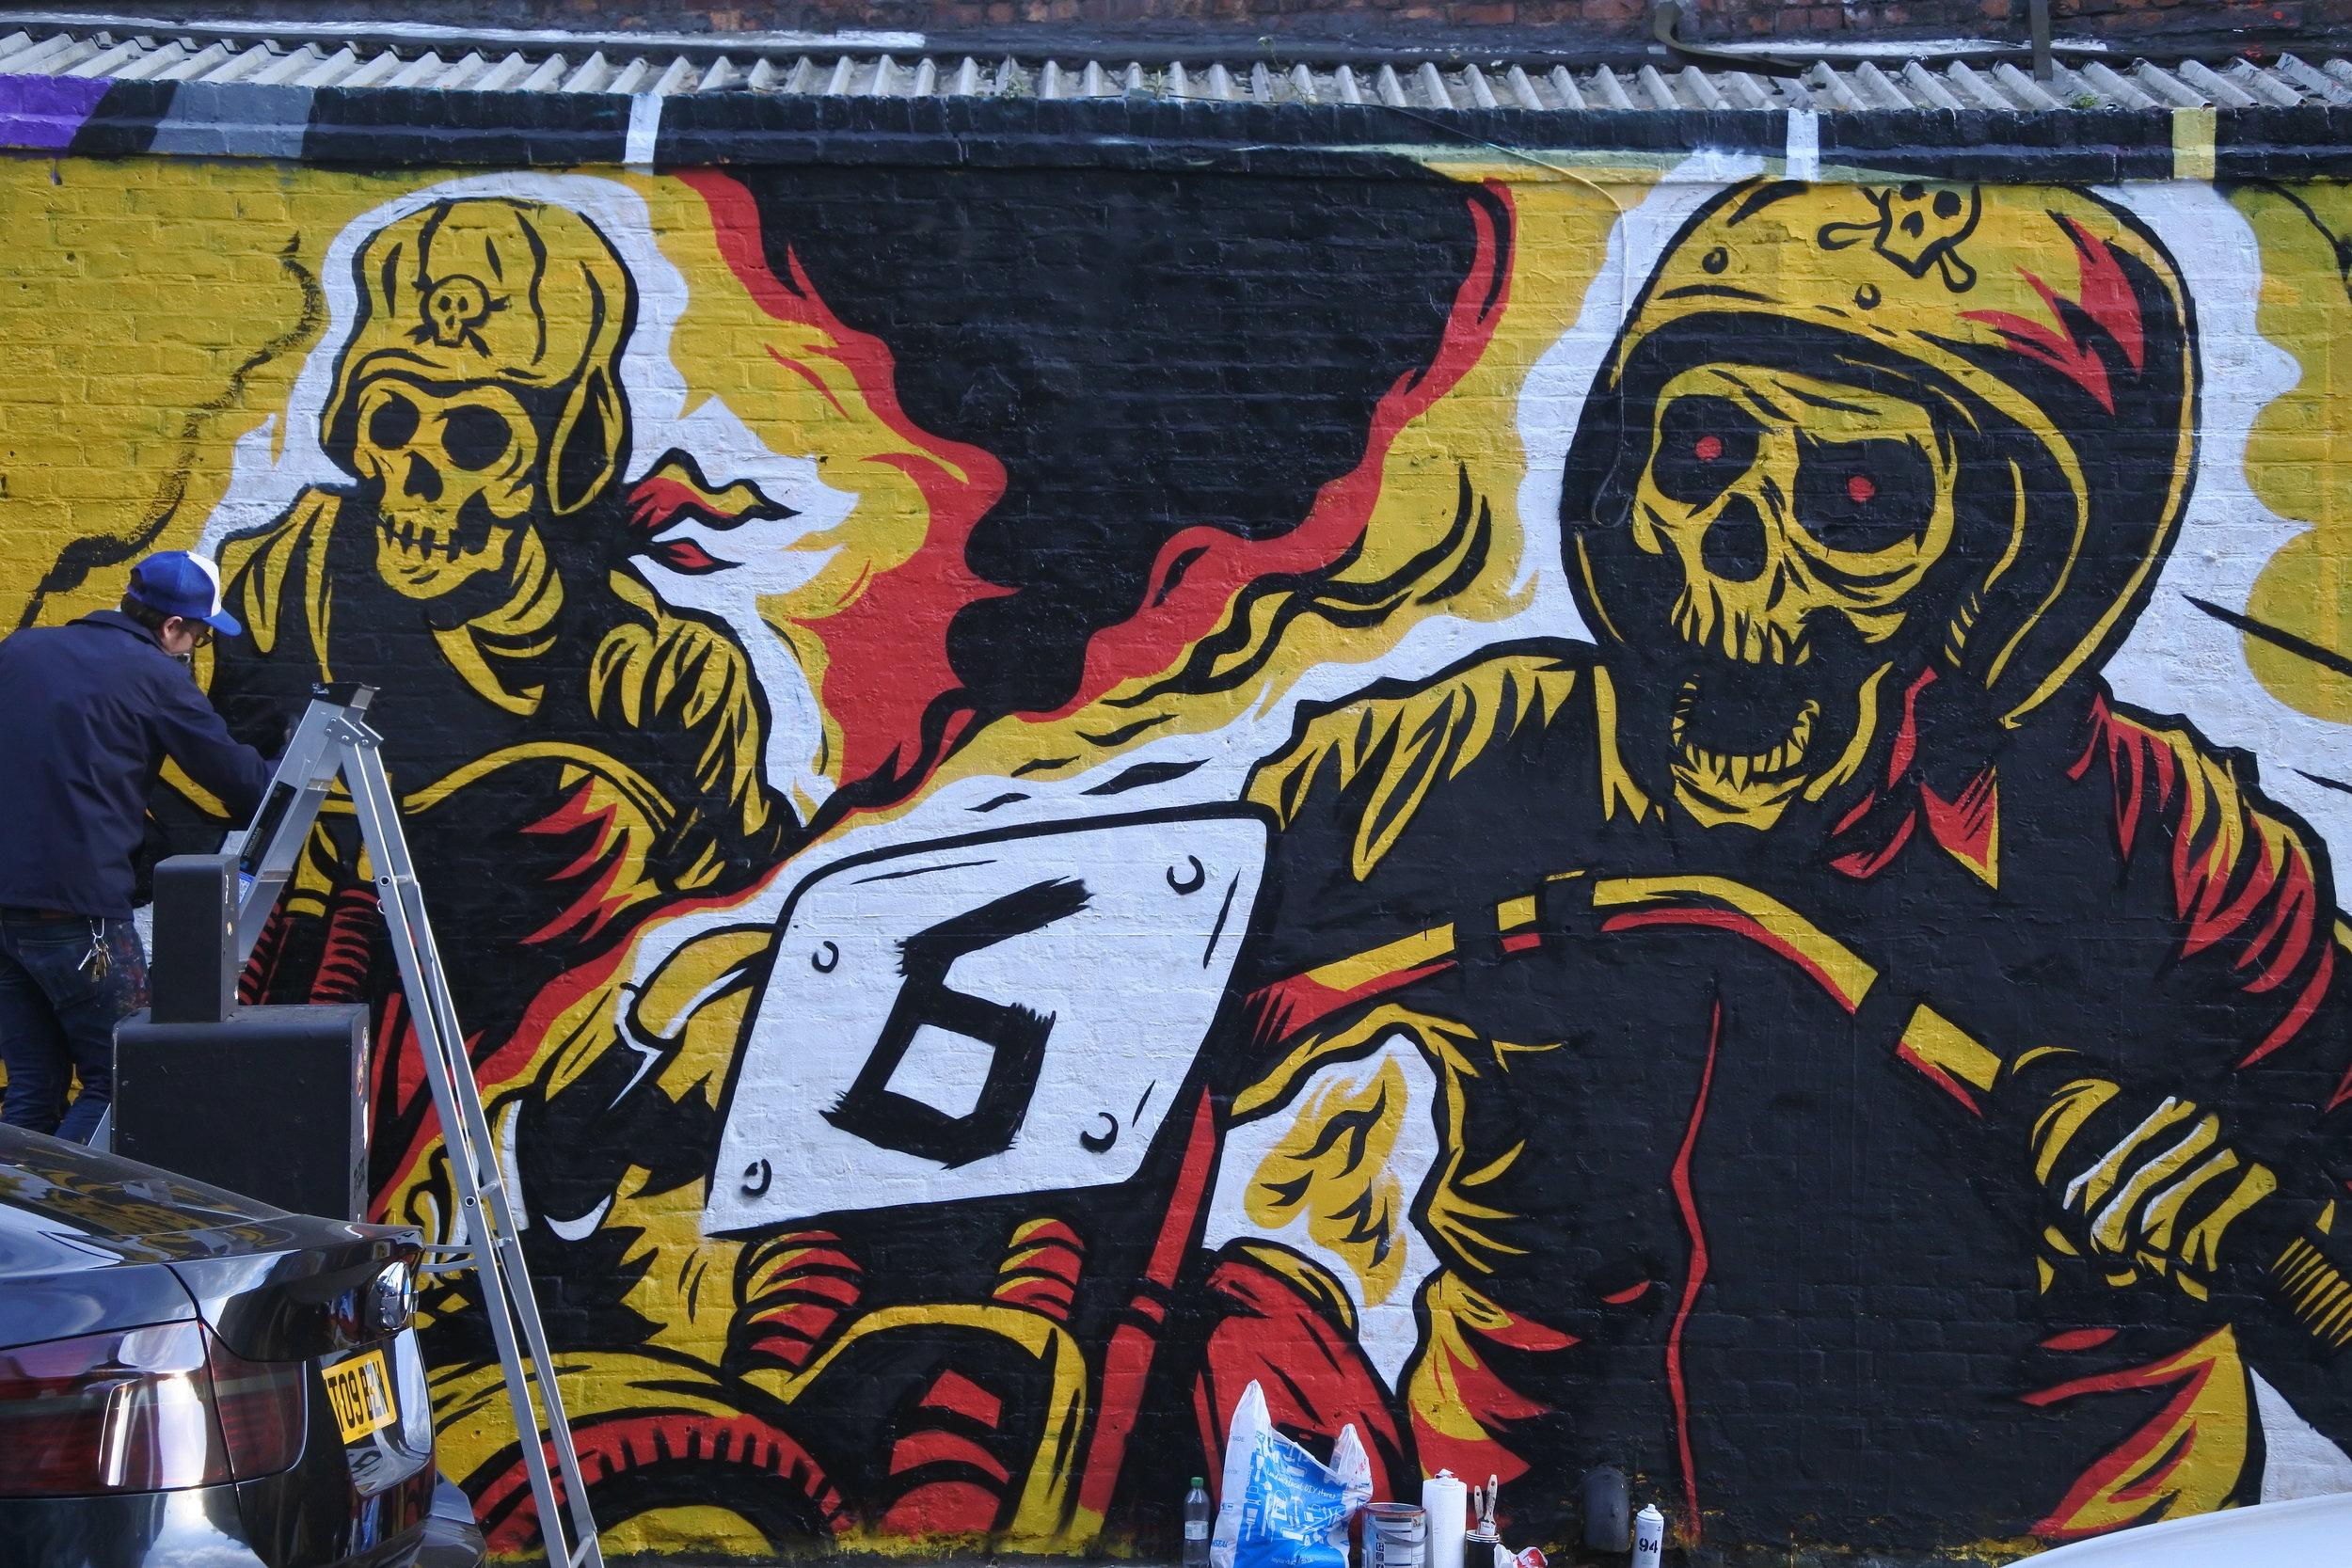 Rebels+wall+2+.JPG